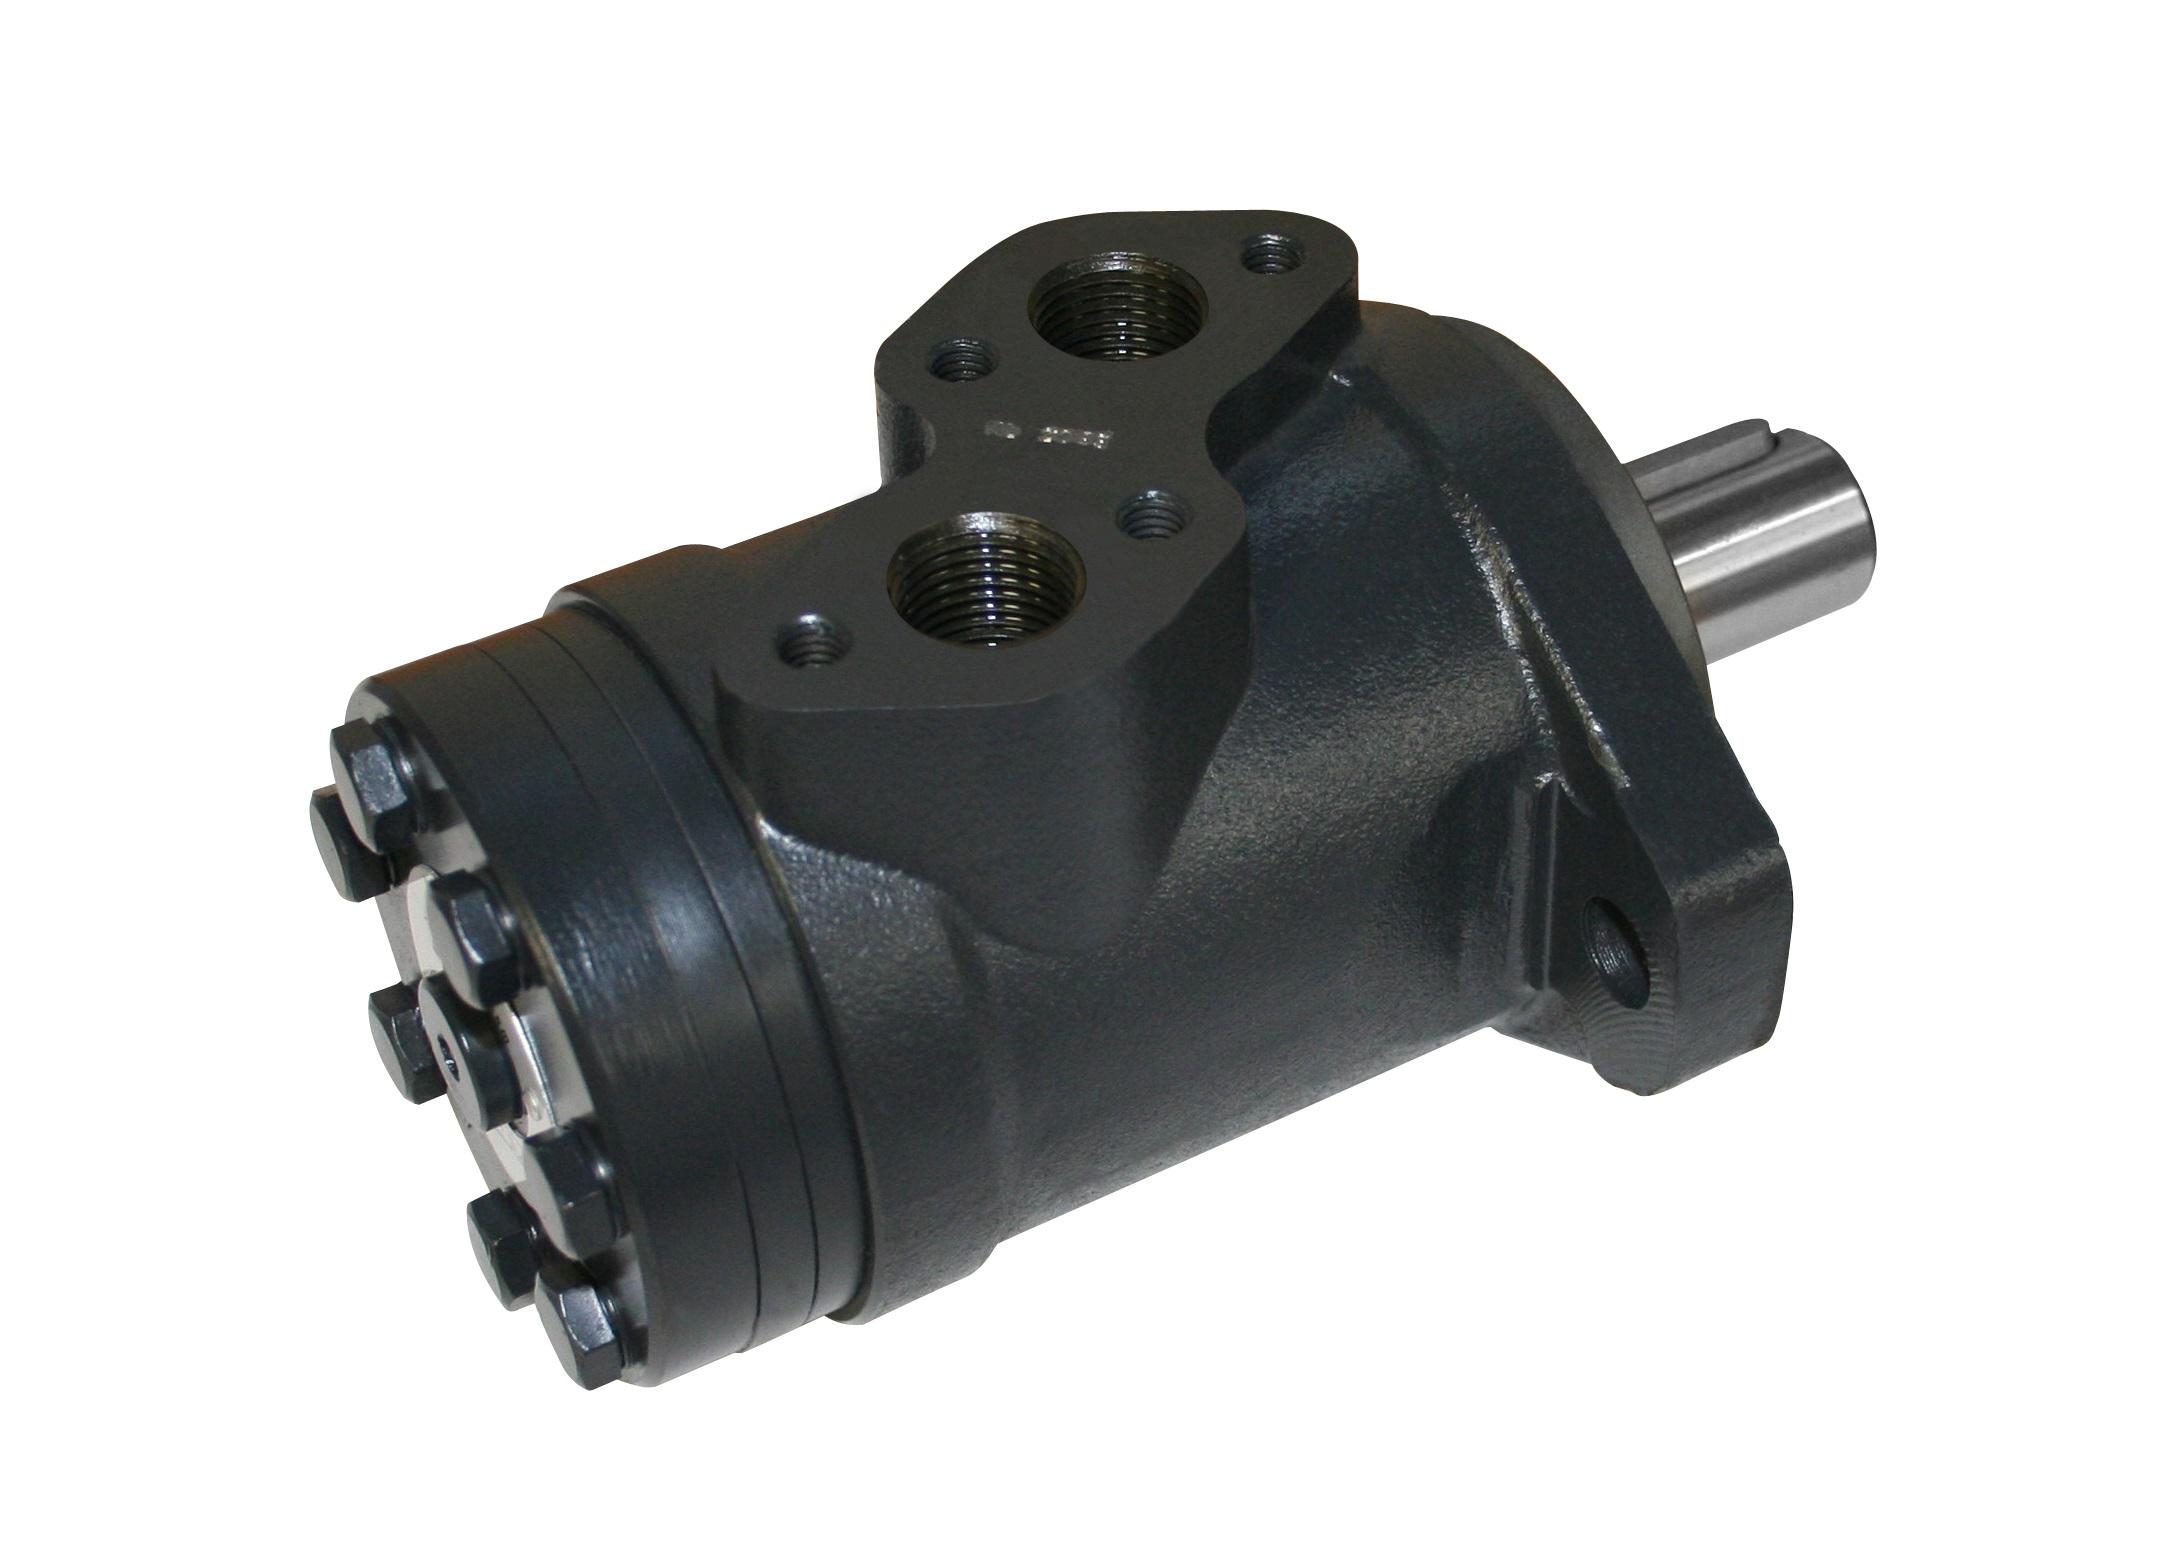 Hydraulic Motor 51 2 Cc Rev 25mm Parallel Keyed Shaft C W